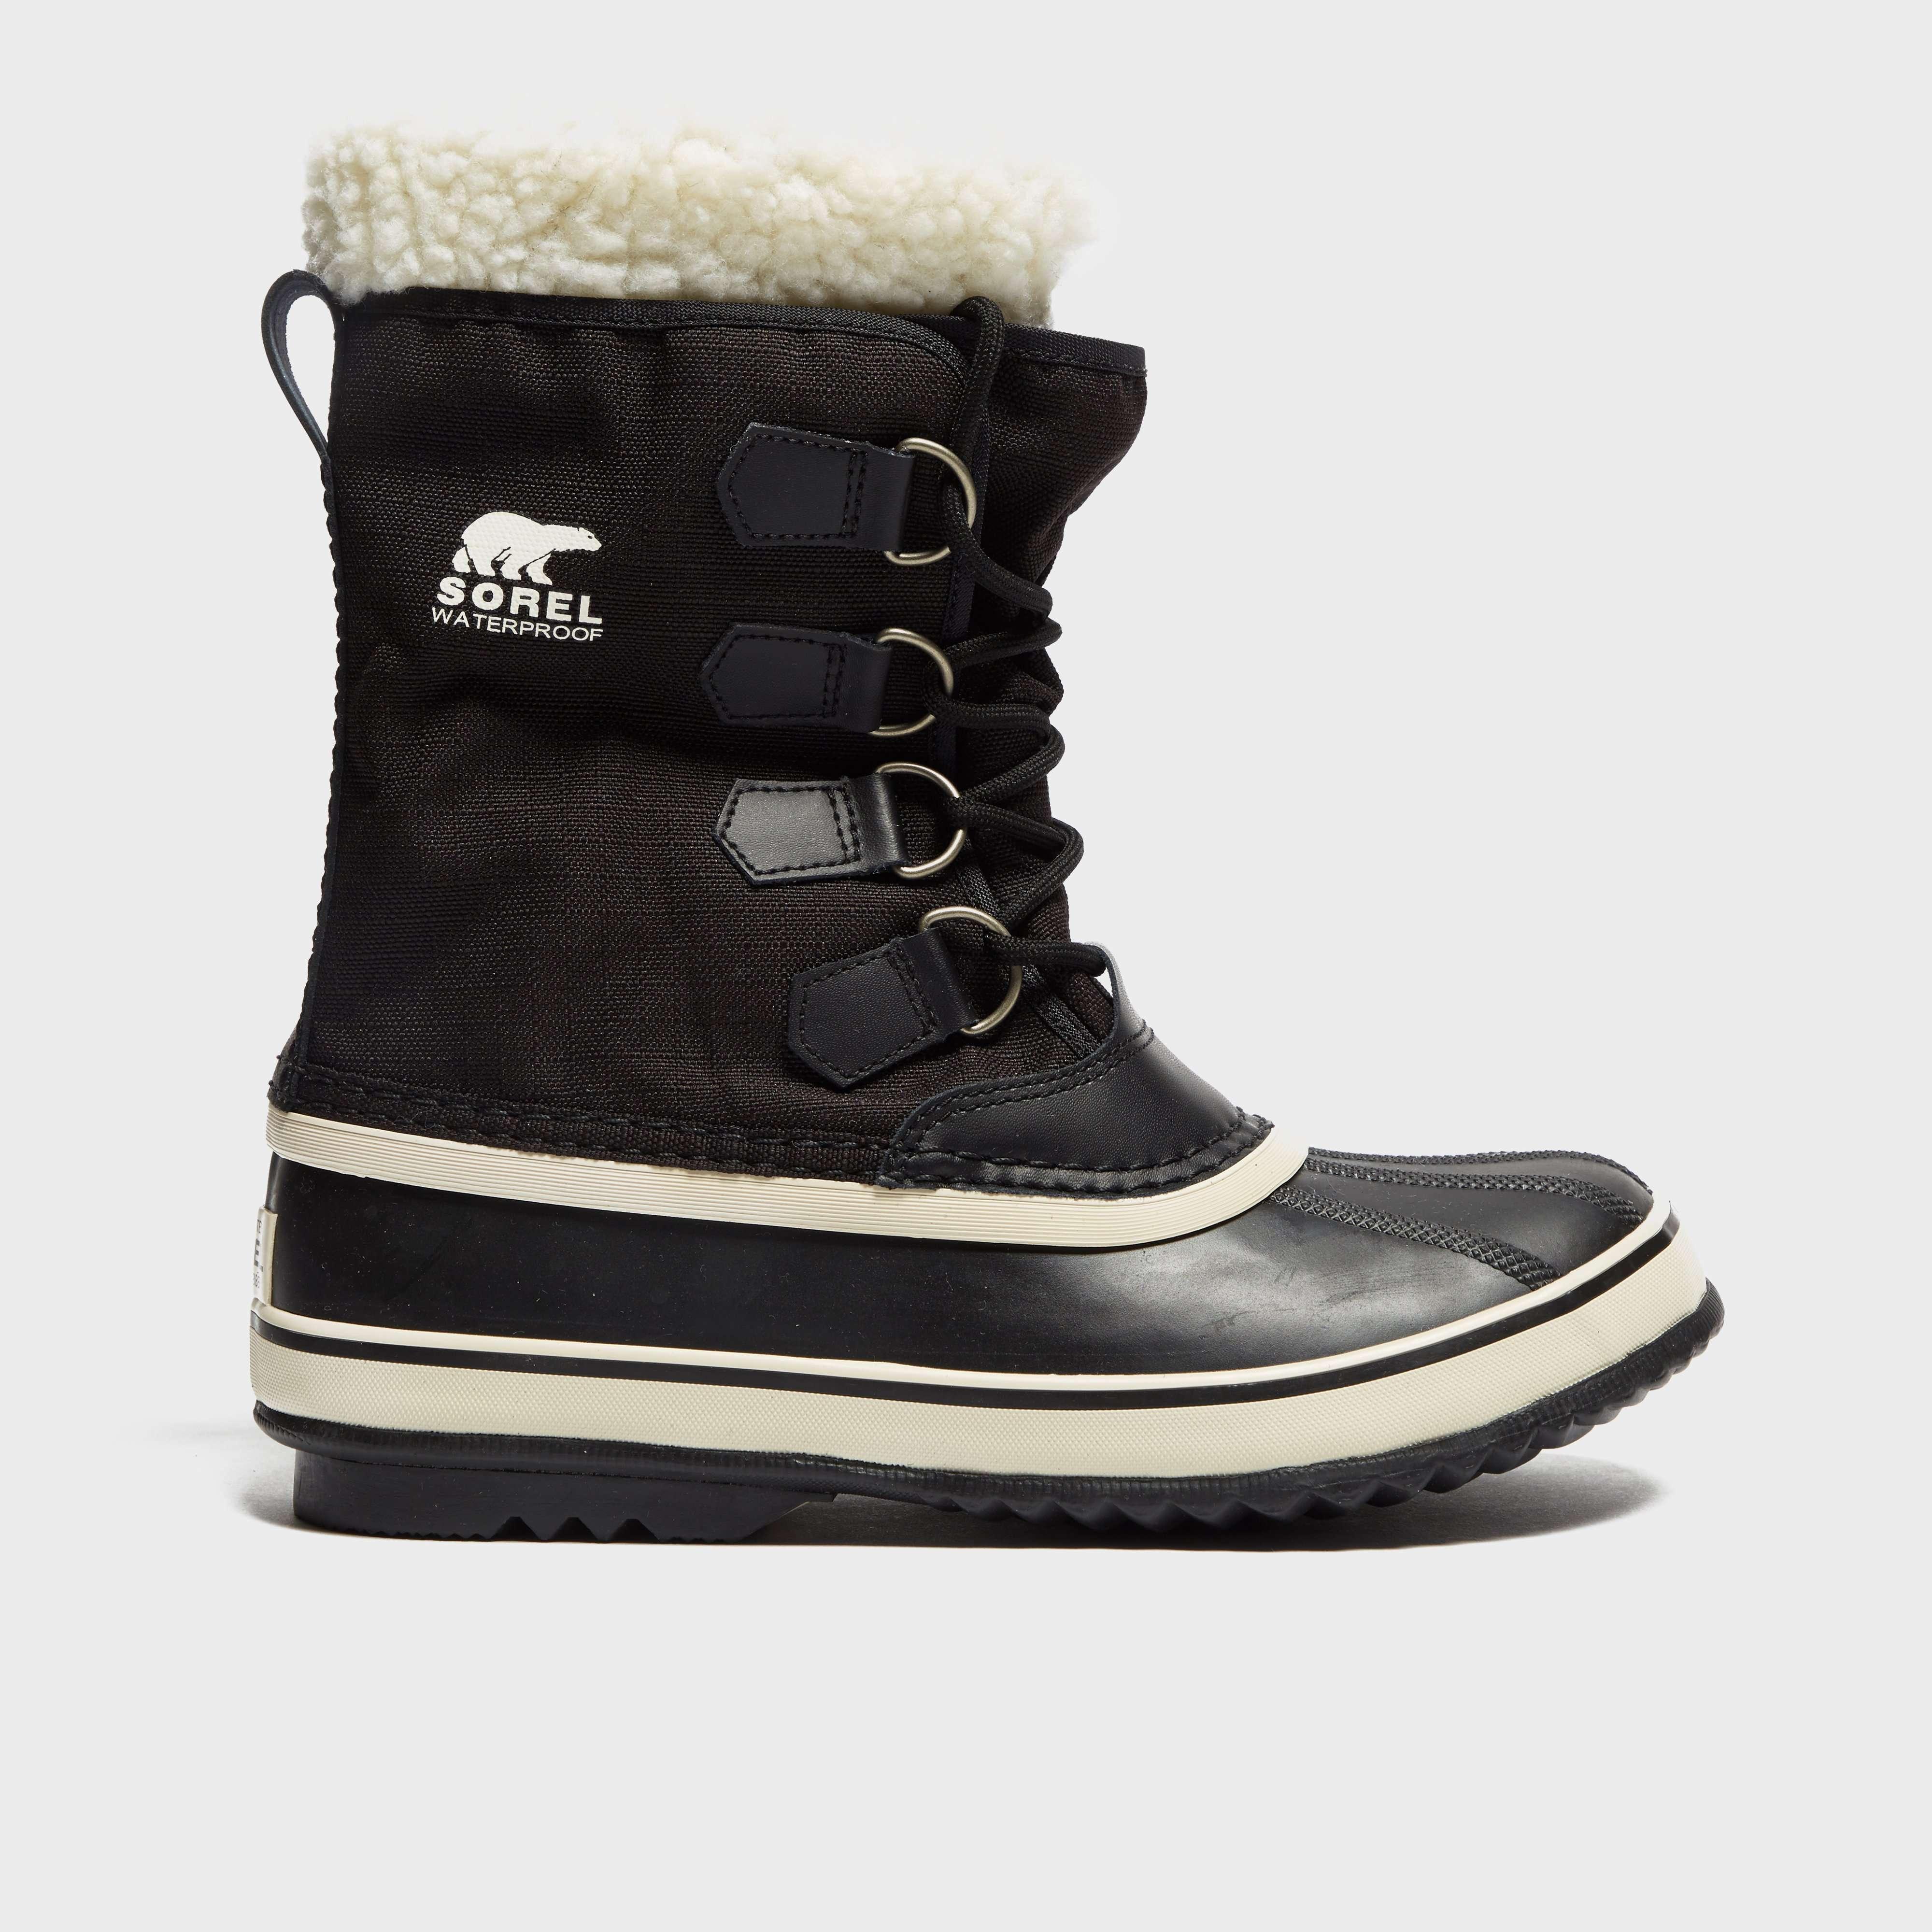 SOREL Women's Winter Carnival™ Boots